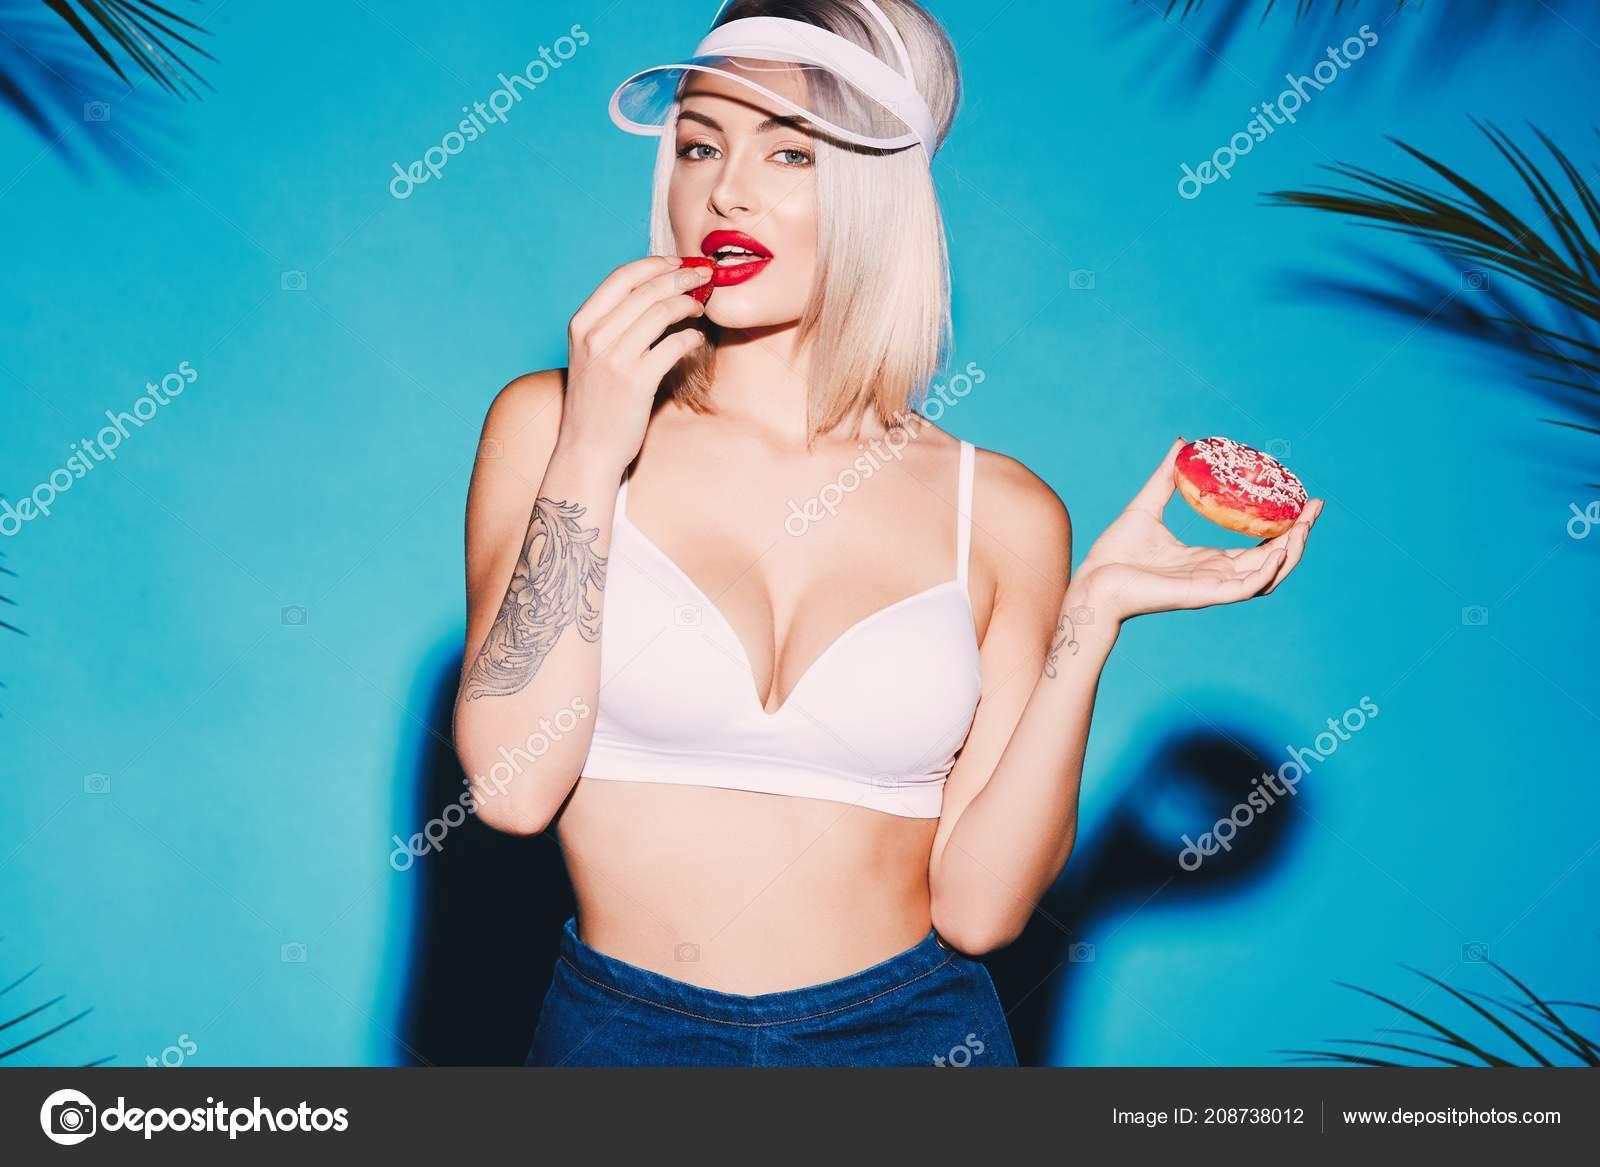 23ebefb753ee Chica sexy con cabello rubio, vestida con top y cap holding donut y morder  el pie de fresa sobre fondo azul con hojas de Palma — Foto de VelesStudio